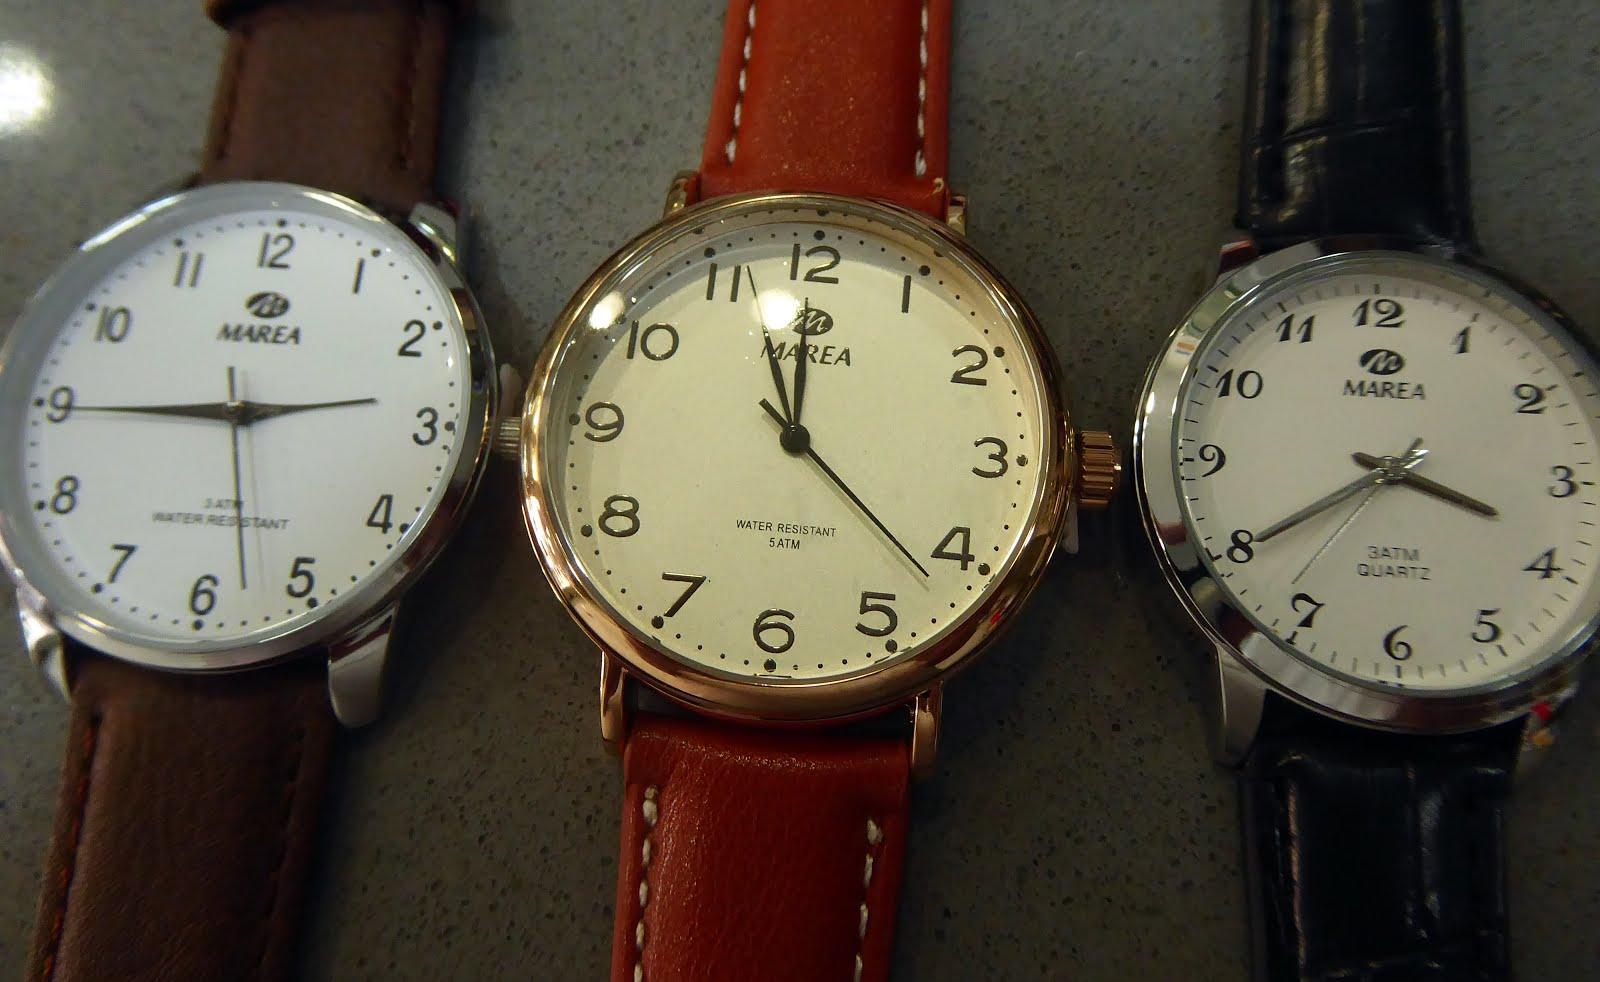 Relojes clásicos con números grandes